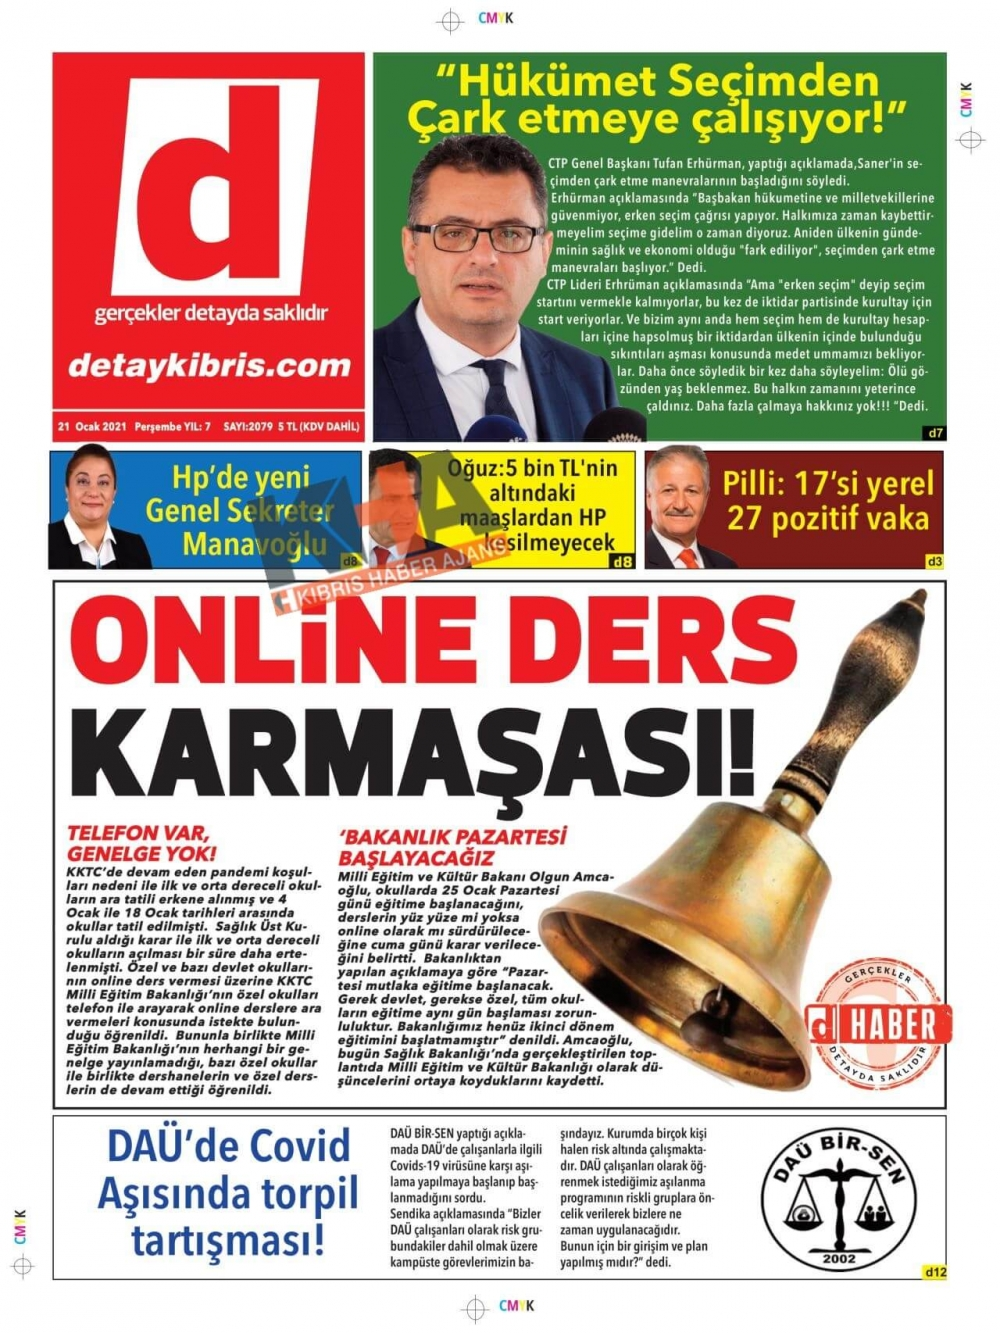 KKTC'de Gazeteler Bugün Ne Manşet Attı? (21 Ocak 2021) galerisi resim 1